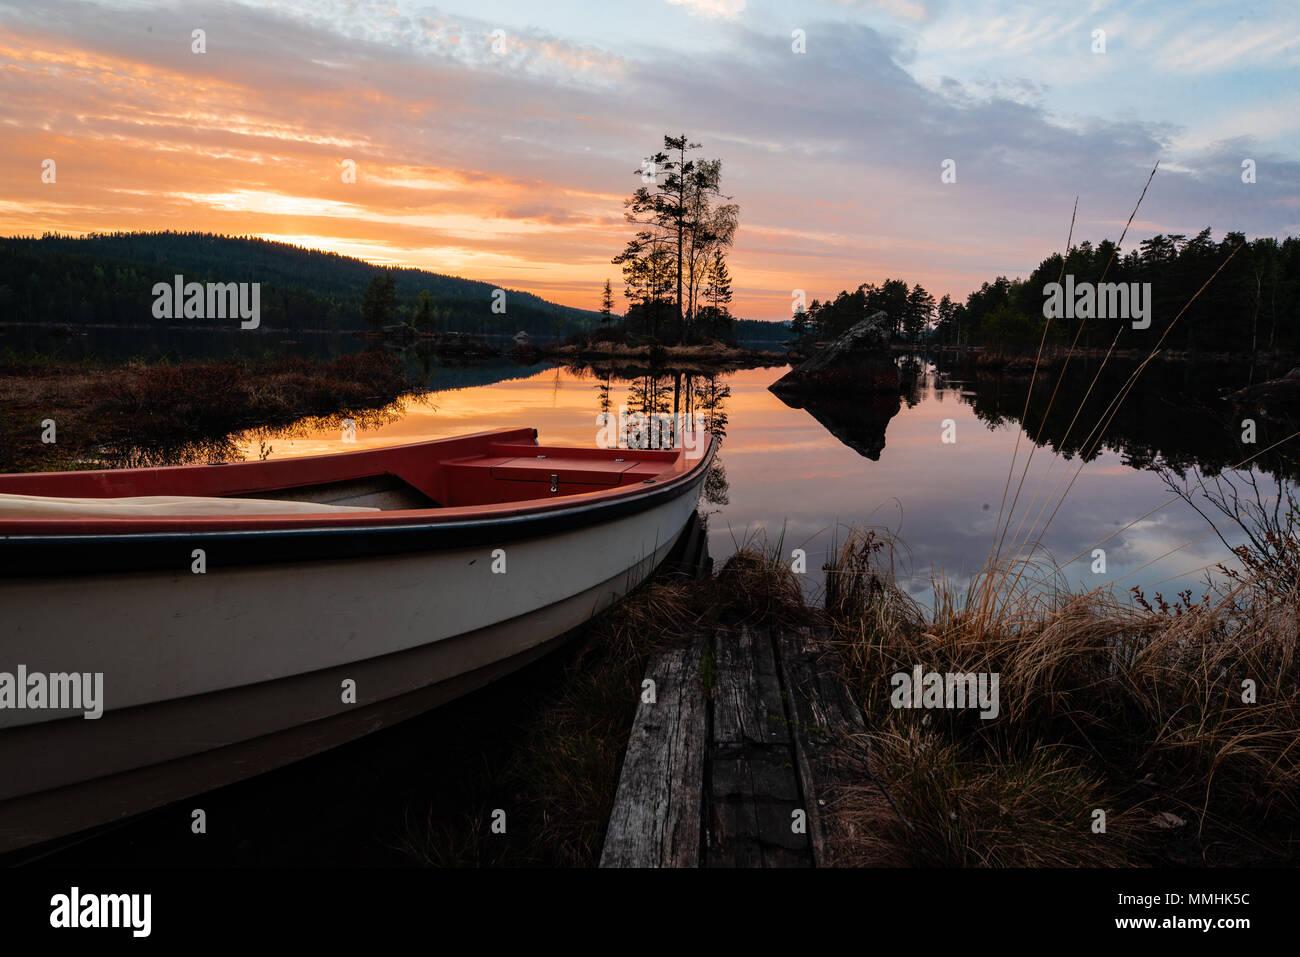 Boot bereit für die Fischerei in einem ruhigen See mit einem schönen Sonnenuntergang in Schweden Mai 2018 Stockbild